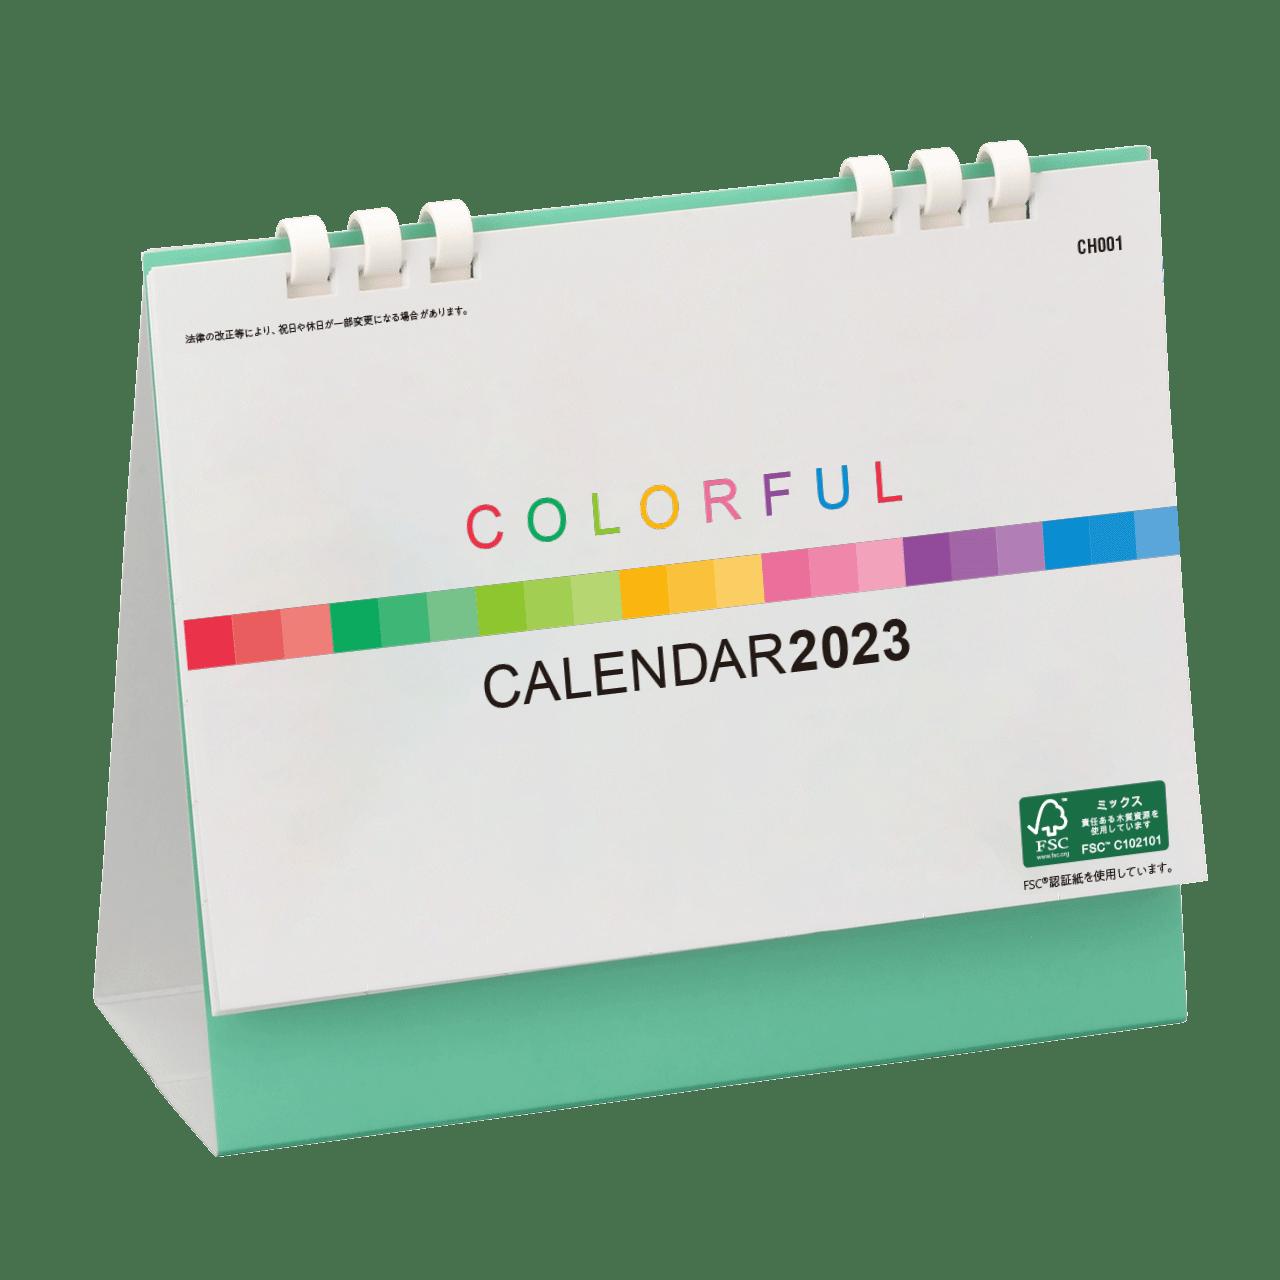 環境に配慮したカレンダーでCSR/SDGsを追求